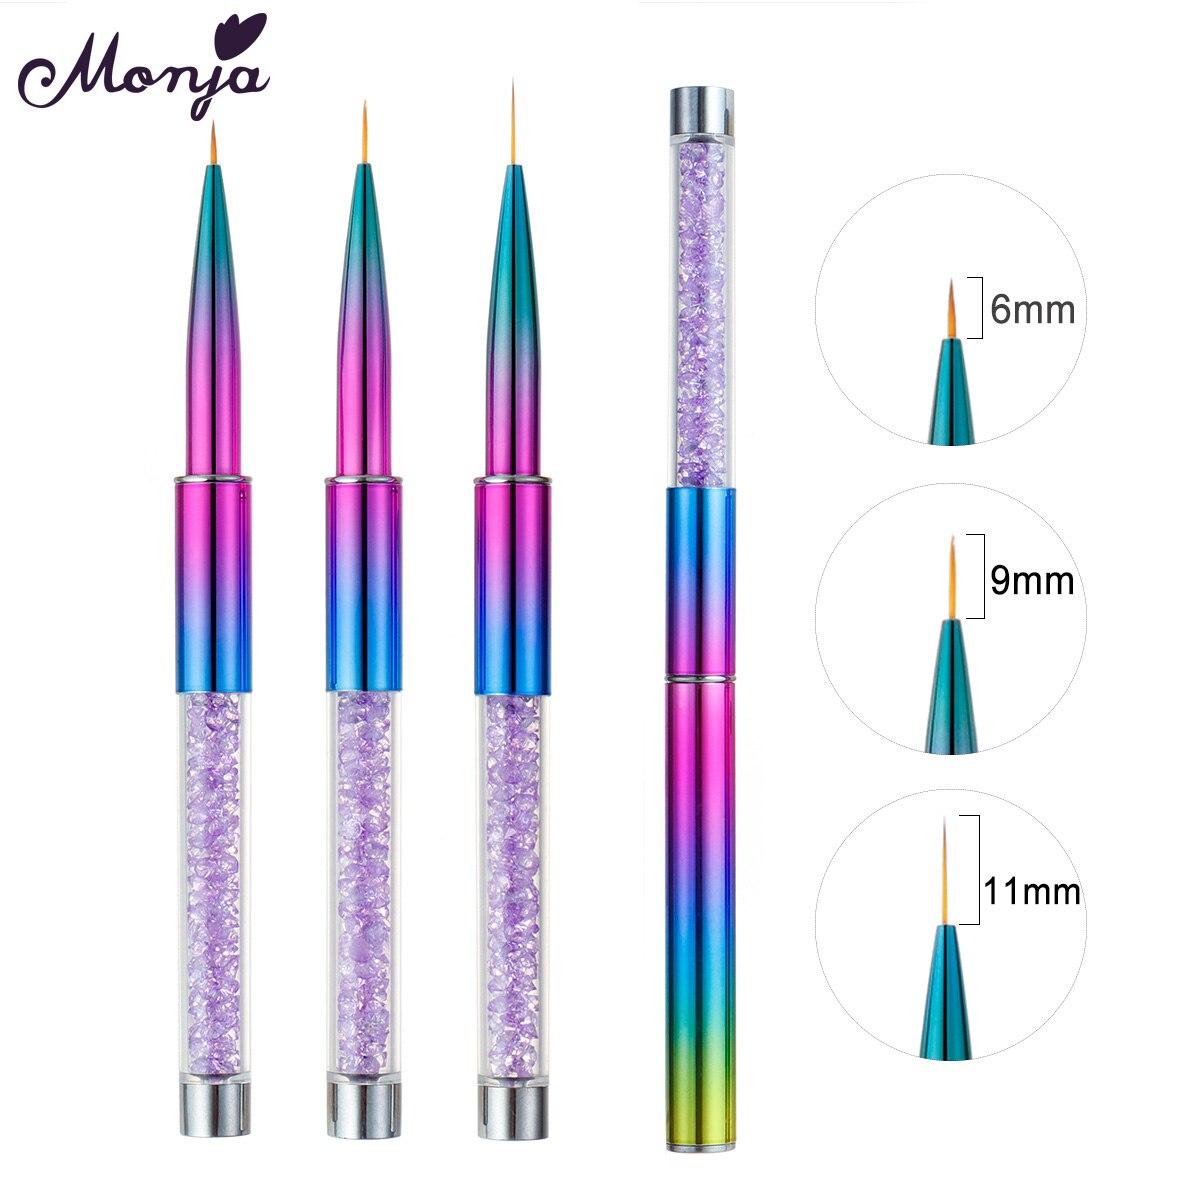 Monja 3 шт./компл. Стразы с красочными ручками для дизайна ногтей подводка для рисования французская кисть в полоску цветок DIY ручка для рисован...